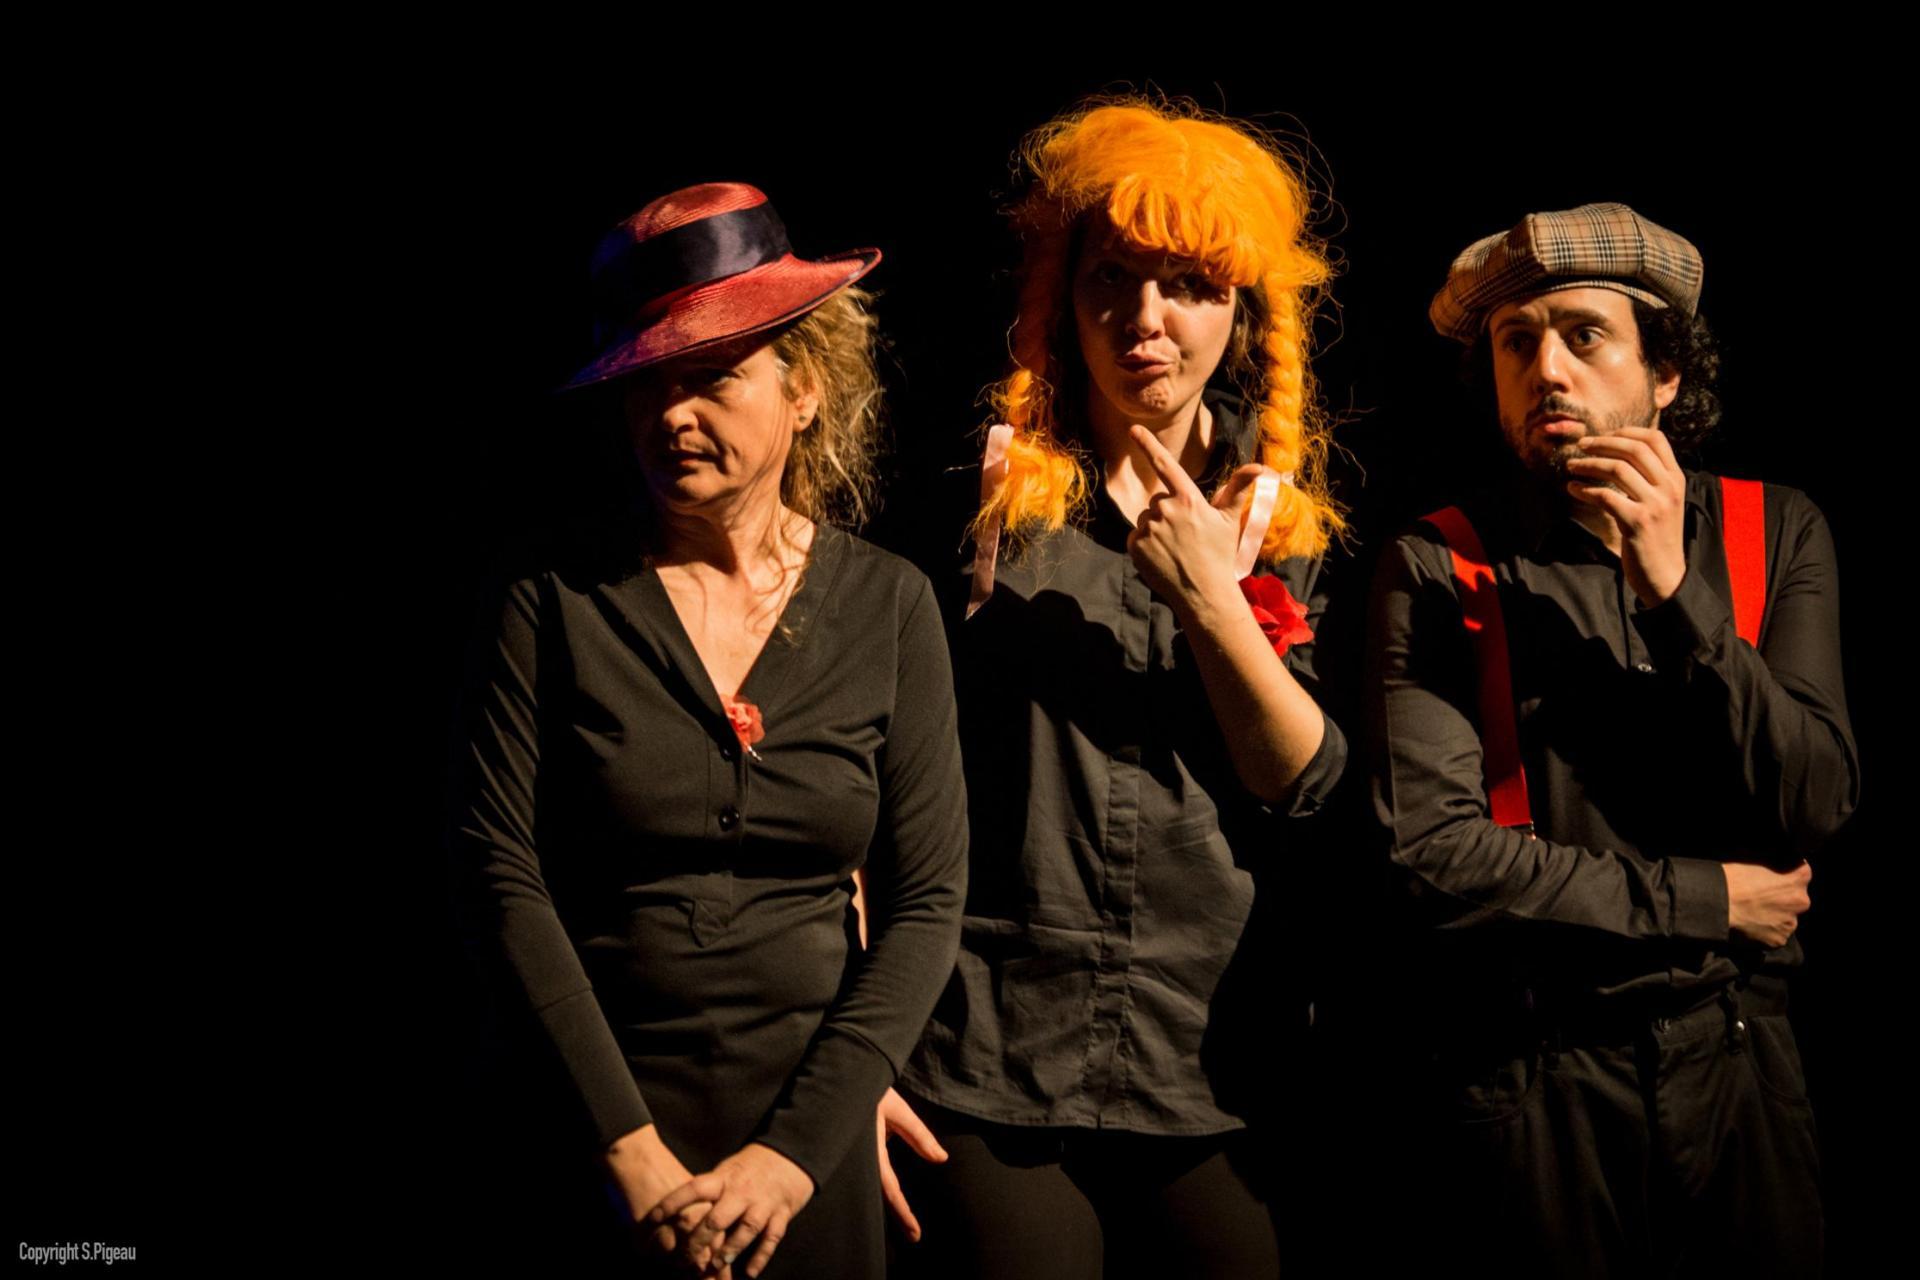 Théâtre d'ImprÔ pour les MarmÔts